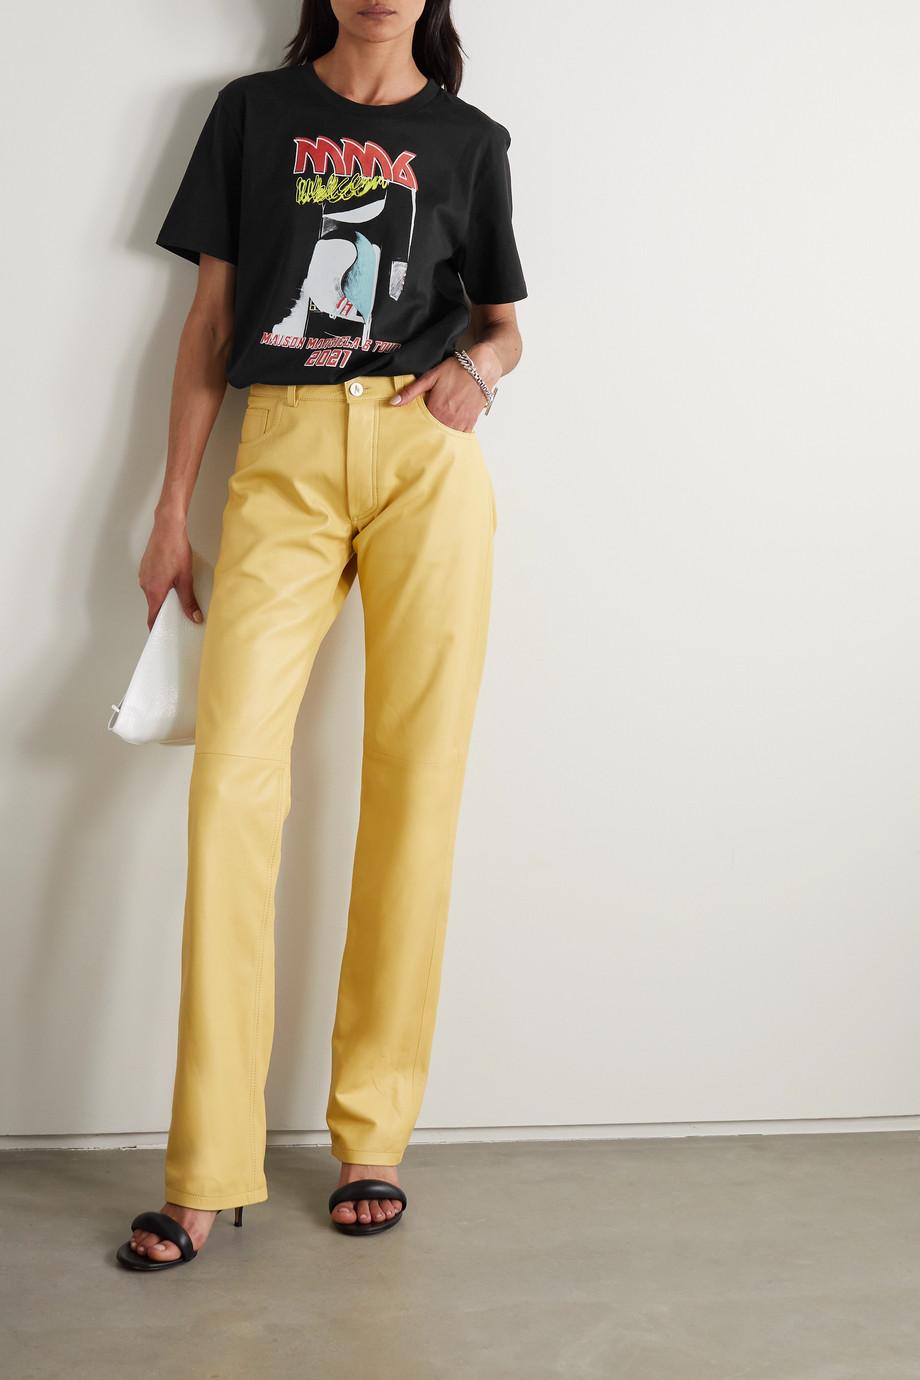 MM6 Maison Margiela T-shirt en jersey de coton imprimé